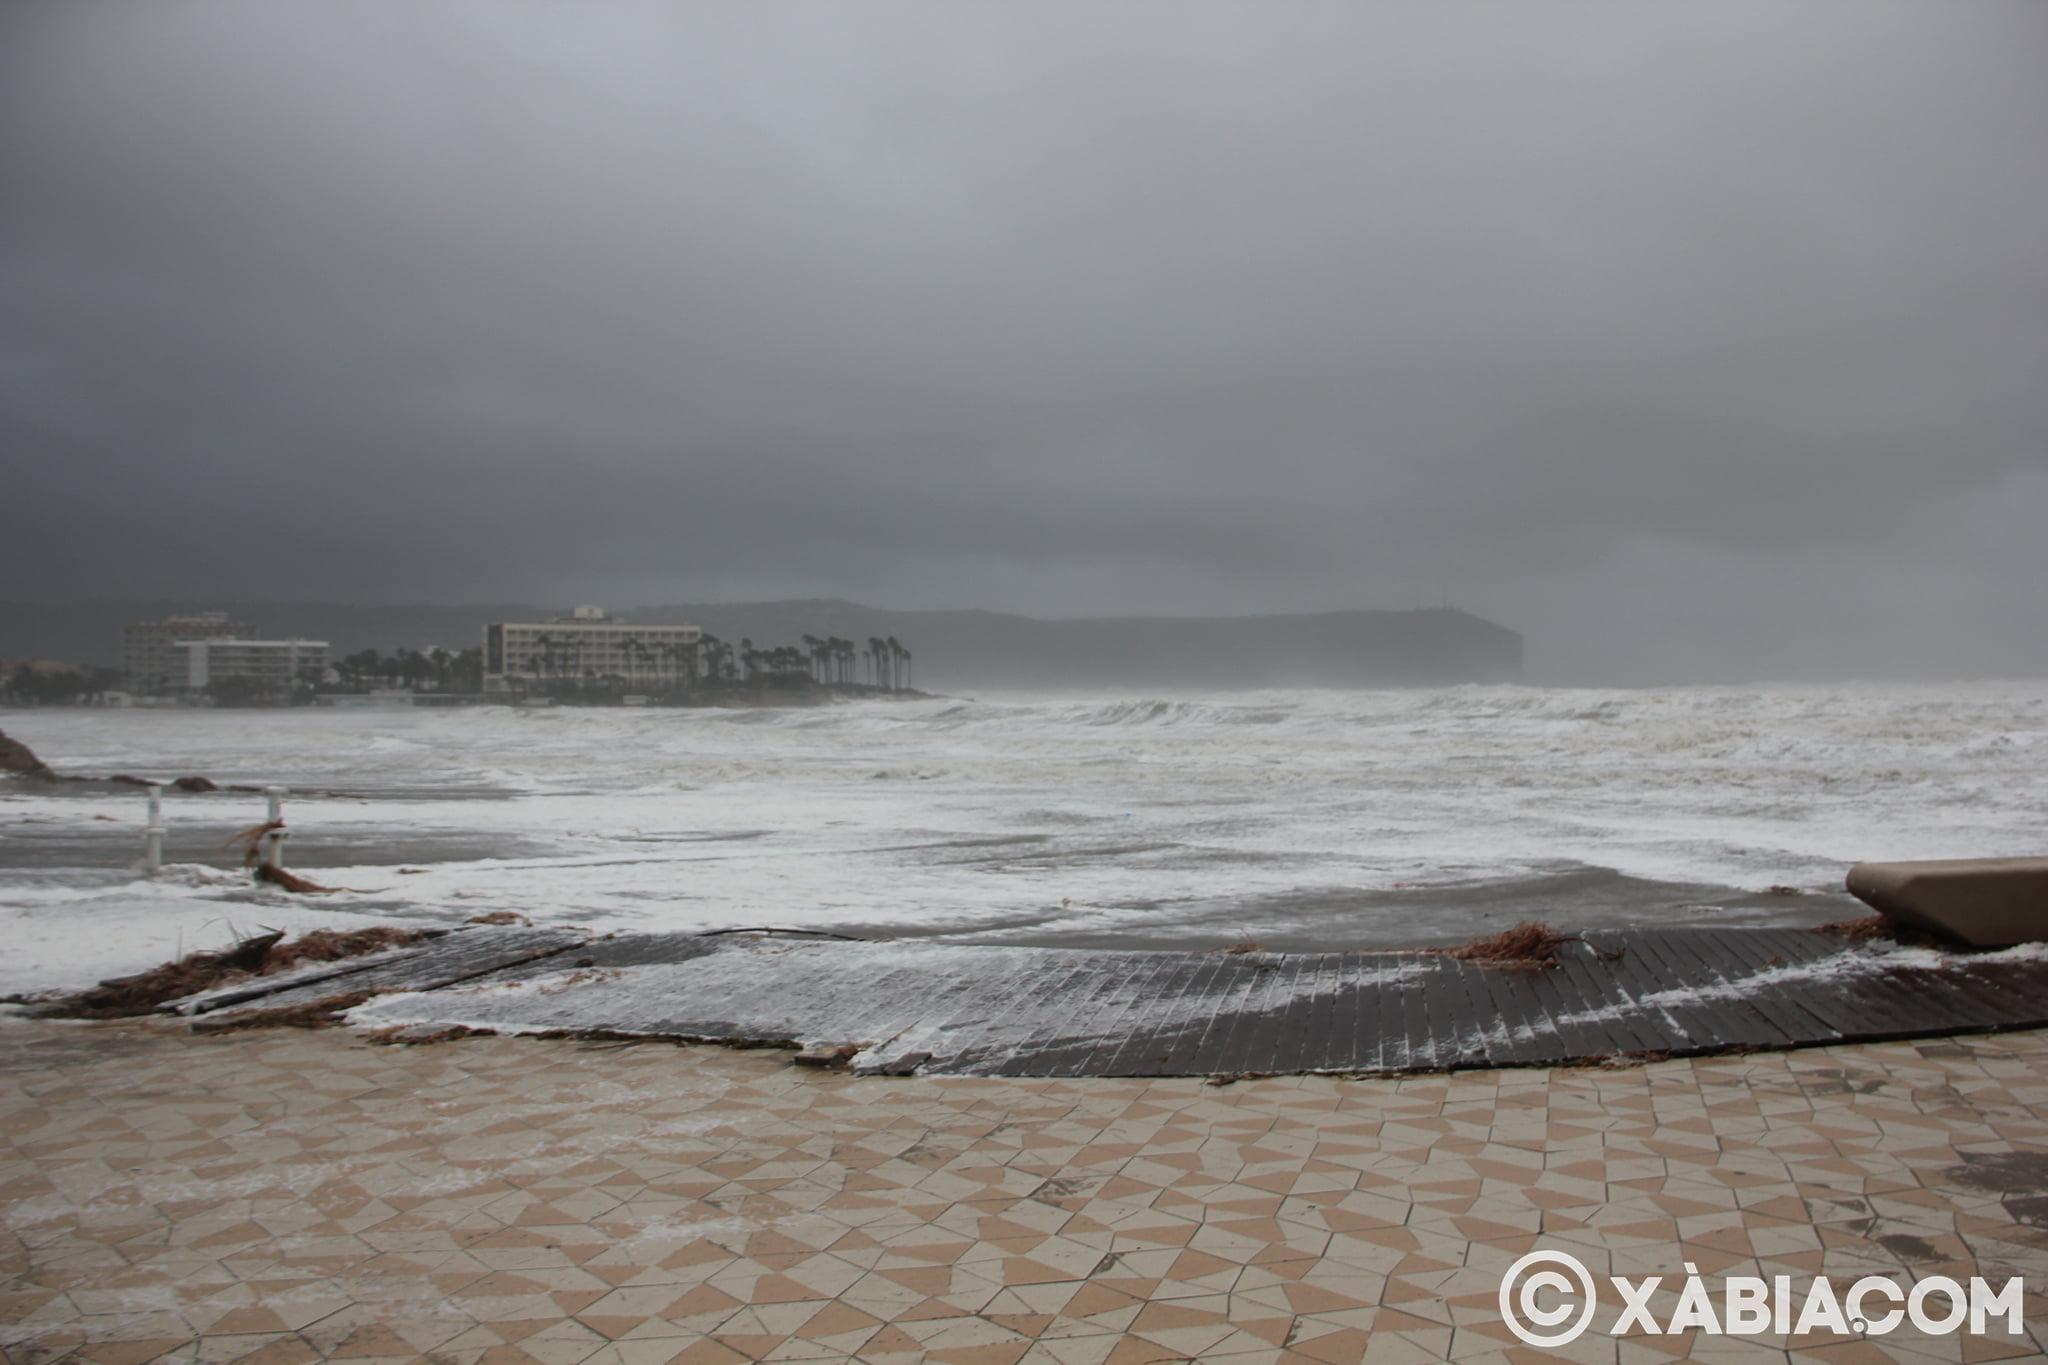 Brandelli di pioggia, vento e mare in Xàbia (24)